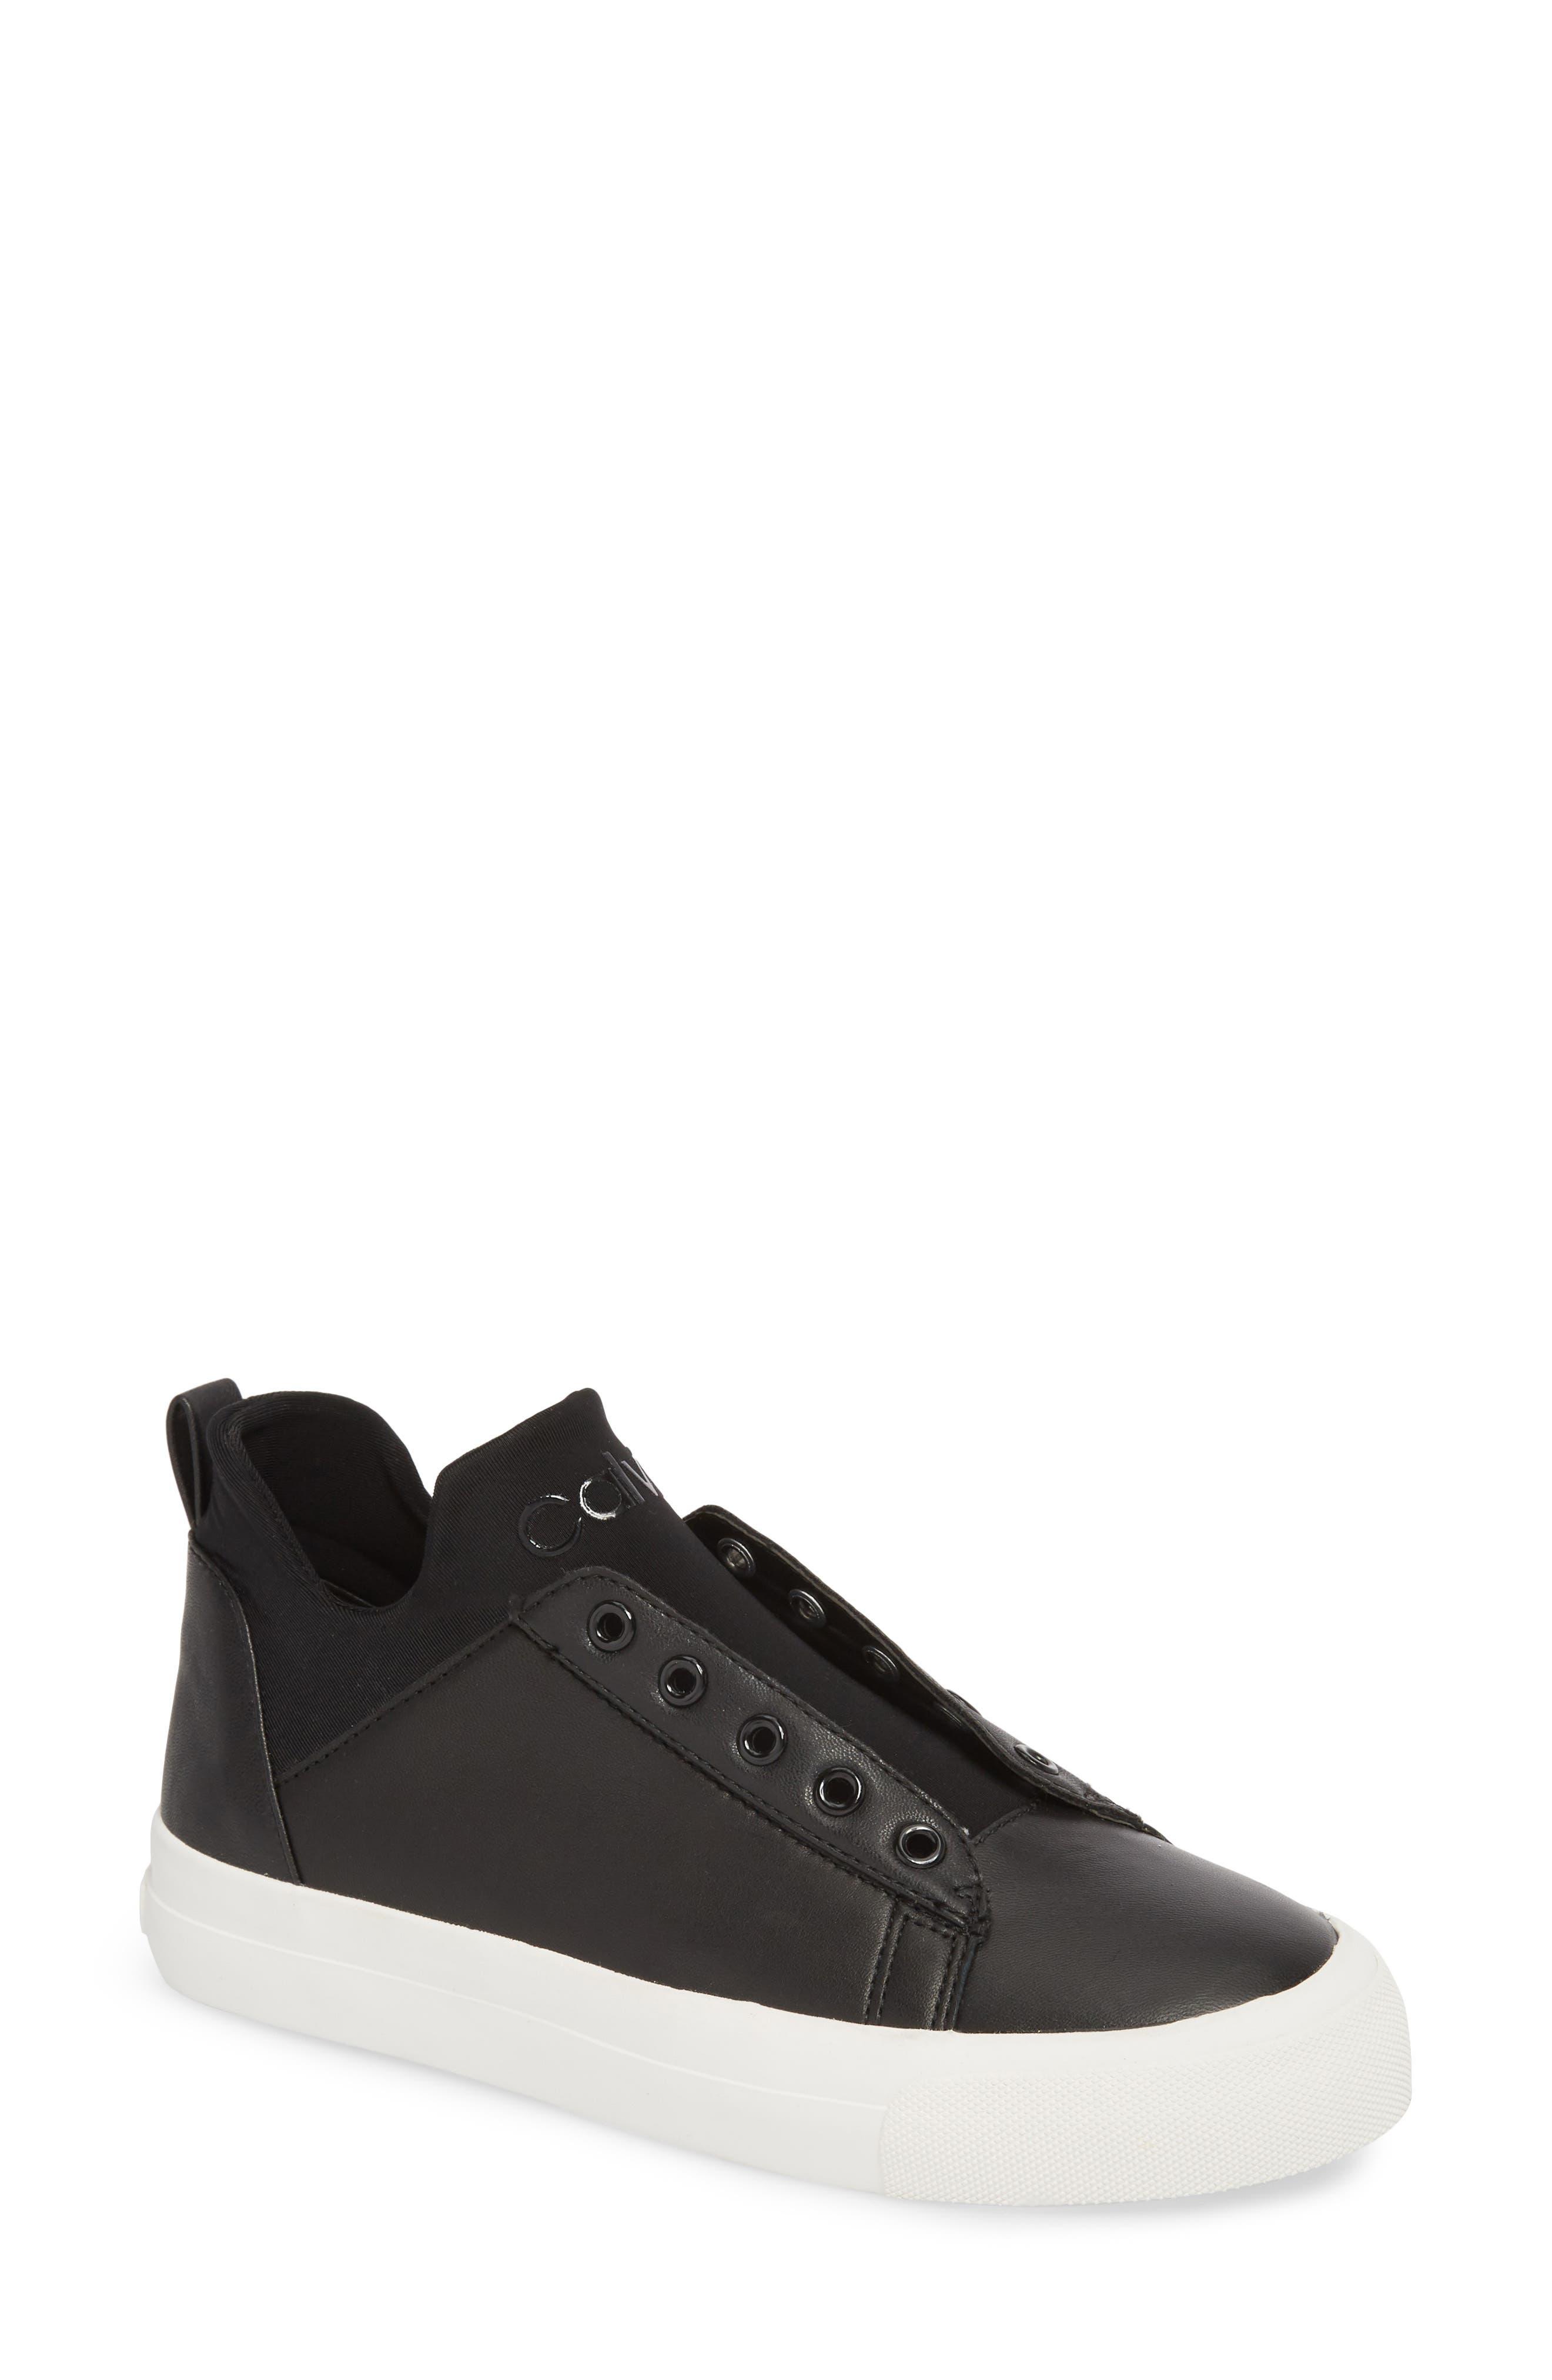 CALVIN KLEIN Valorie Mid Top Sneaker, Main, color, 002